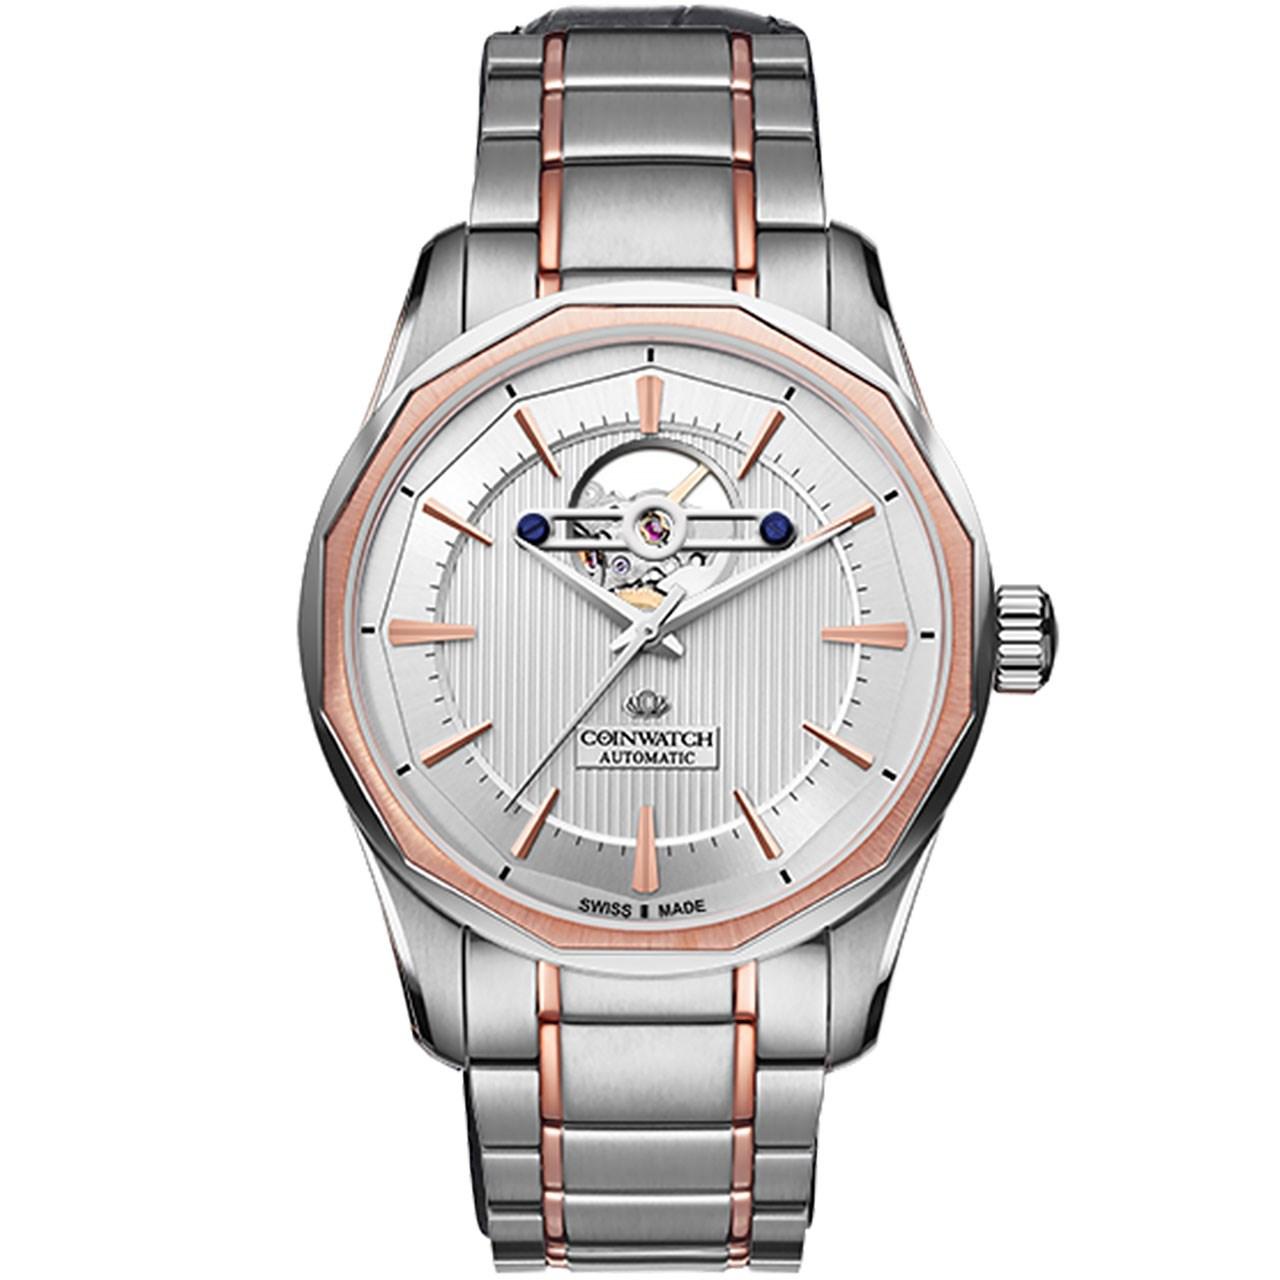 ساعت مچی عقربه ای مردانه کوین واچ مدل C142RWH 52